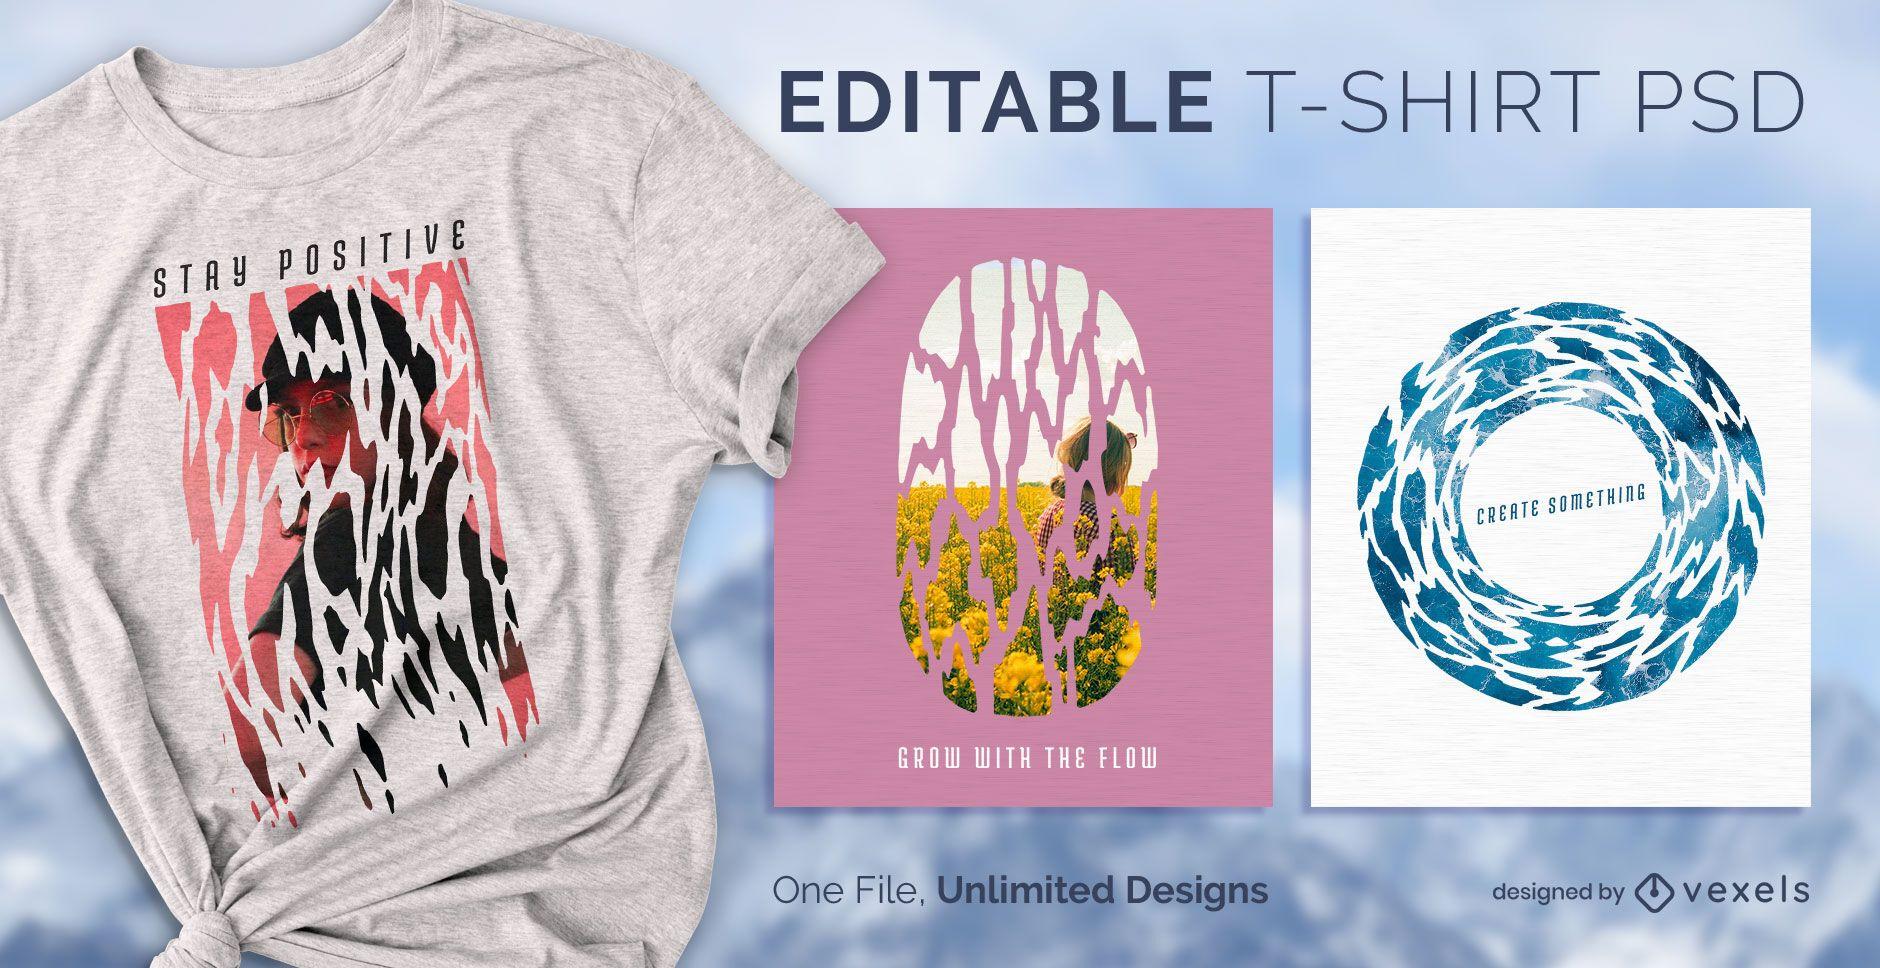 Diseño de camiseta agrietada psd